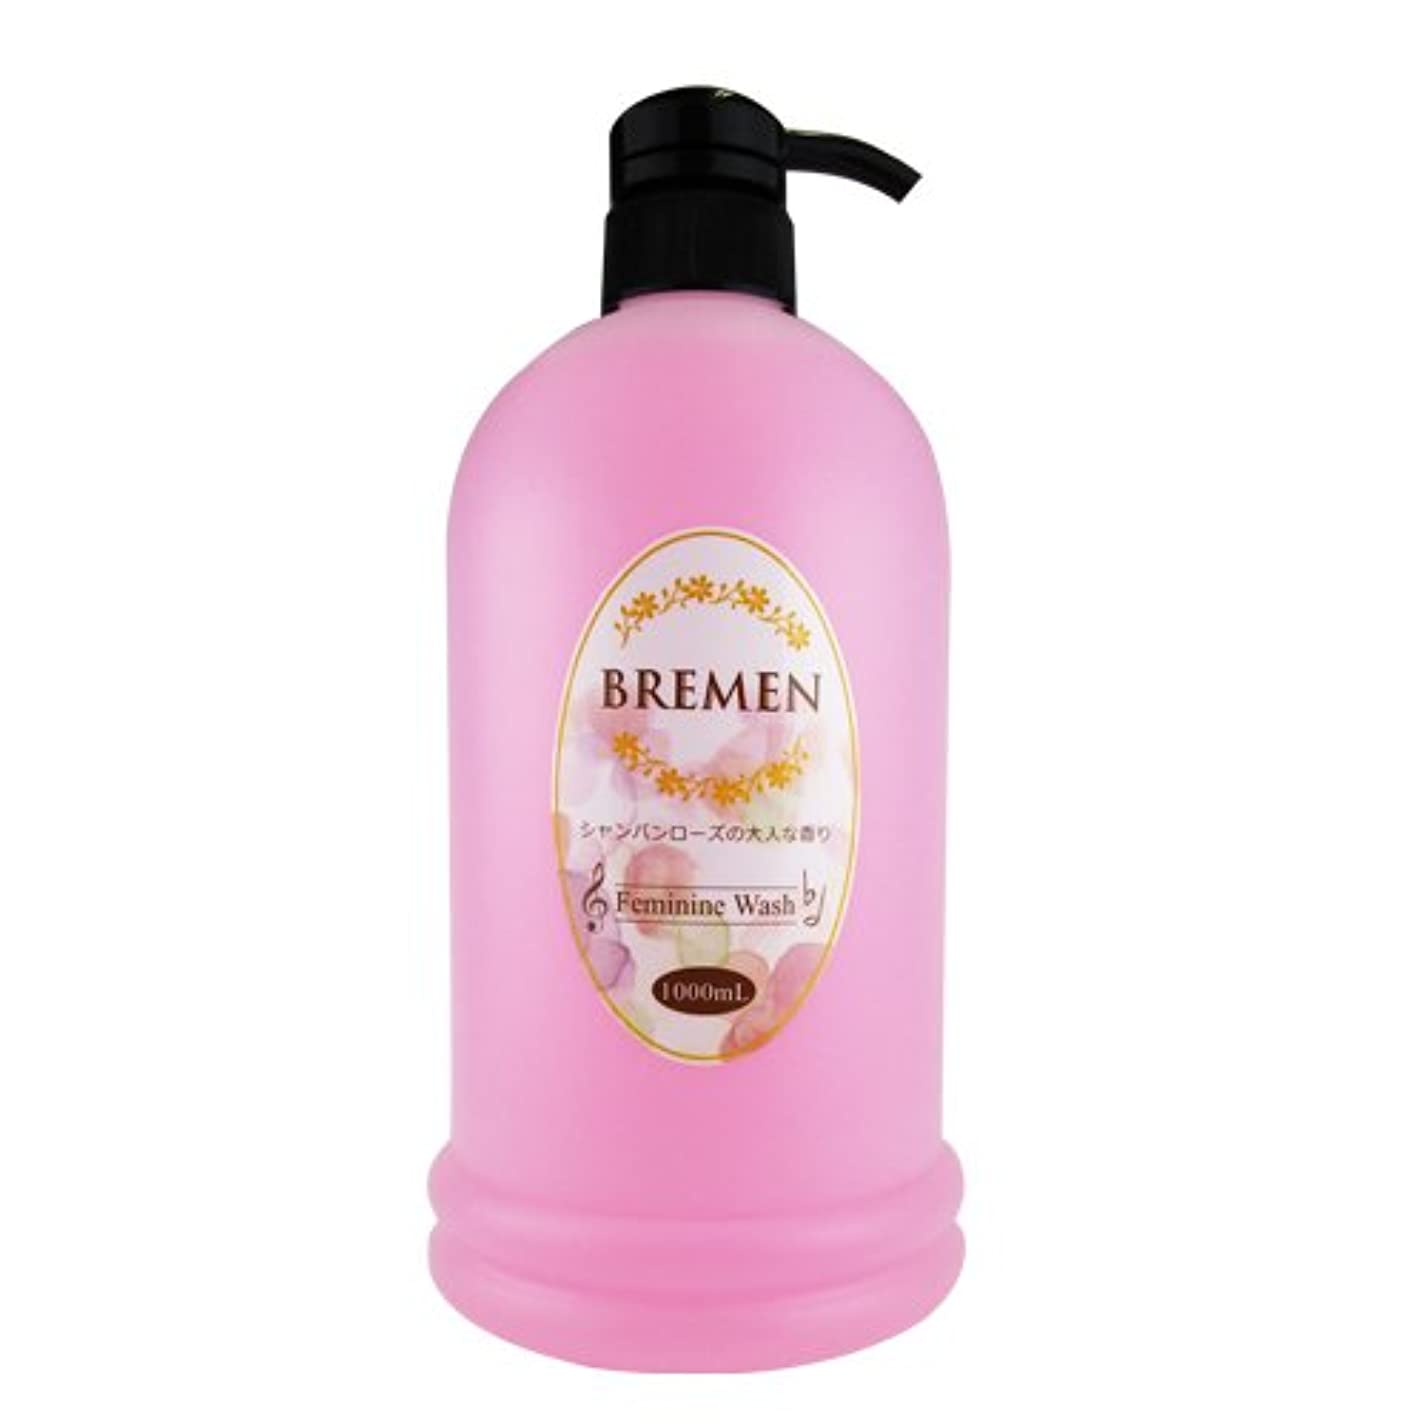 ピン海軍綺麗なブレーメン(BREMEN) フェミニンウォッシュ(Feminine Wash) 1000ml シャンパンローズの大人な香り